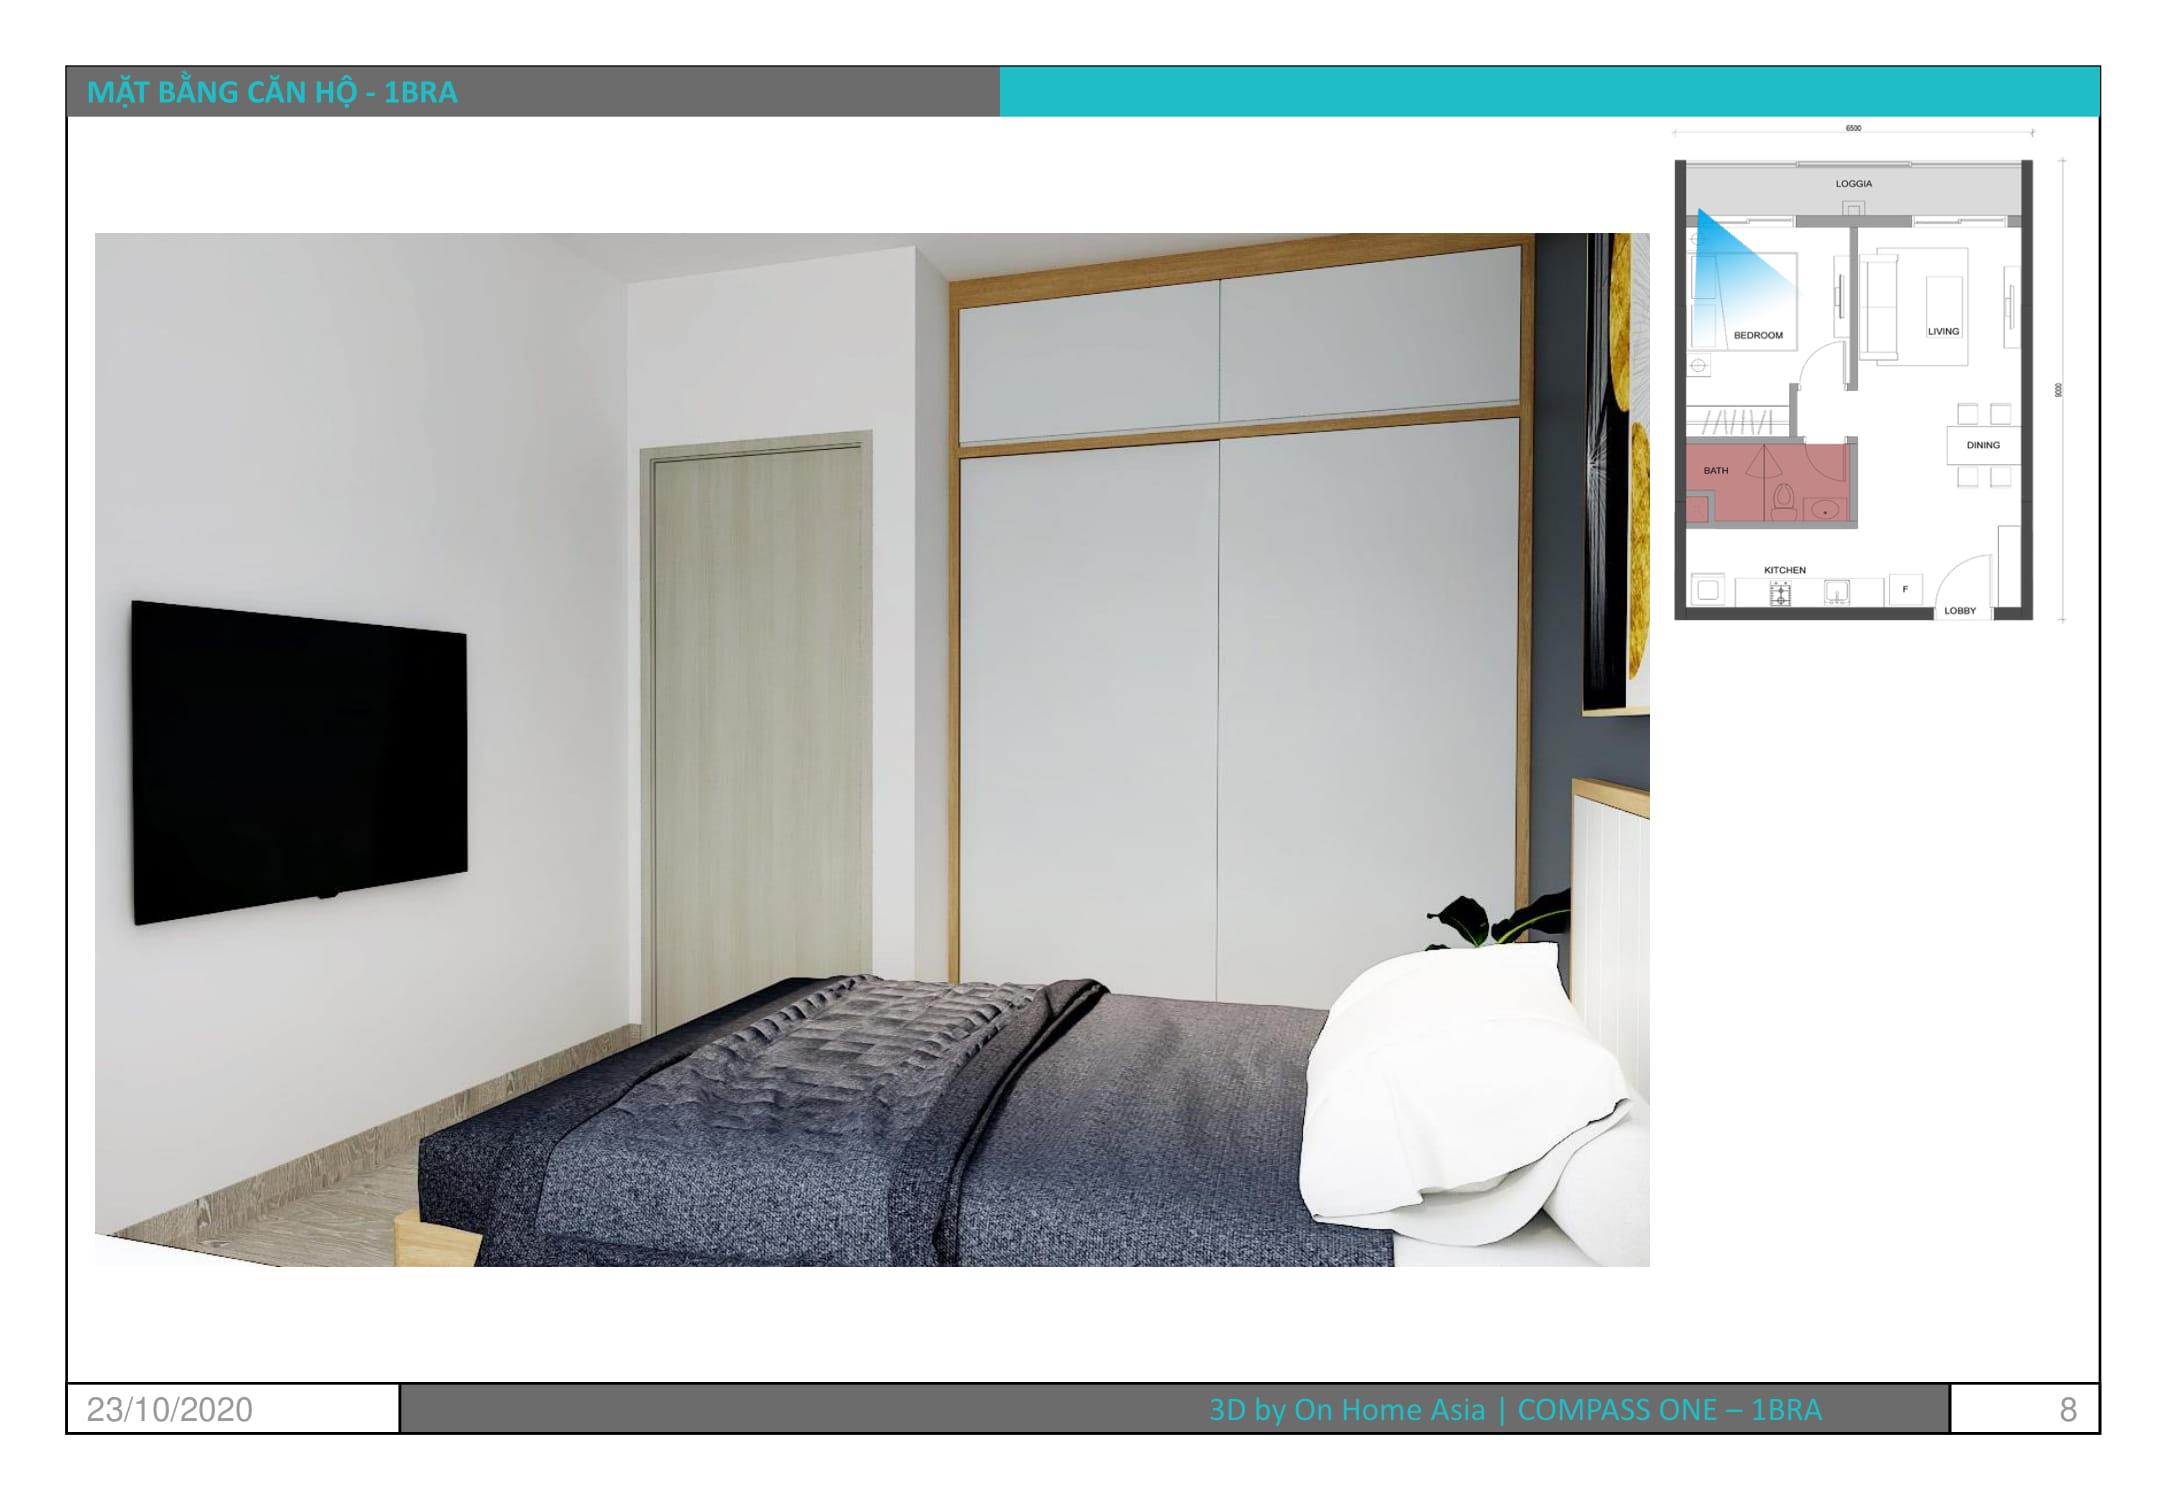 không gian nội thất phòng ngủ căn hộ compass one 1bra